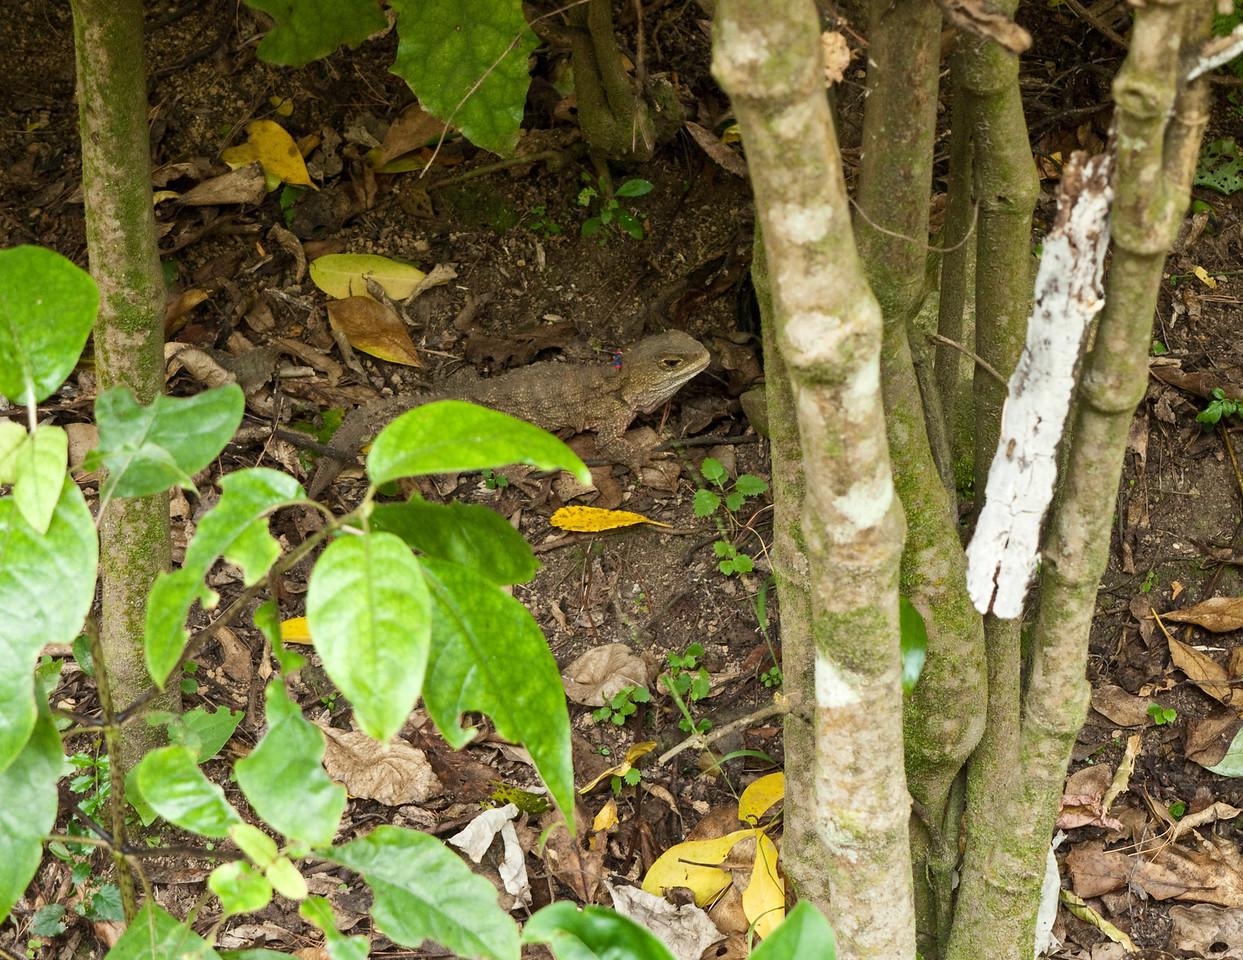 A female tuatara in the Karori Wildlife Sanctuary